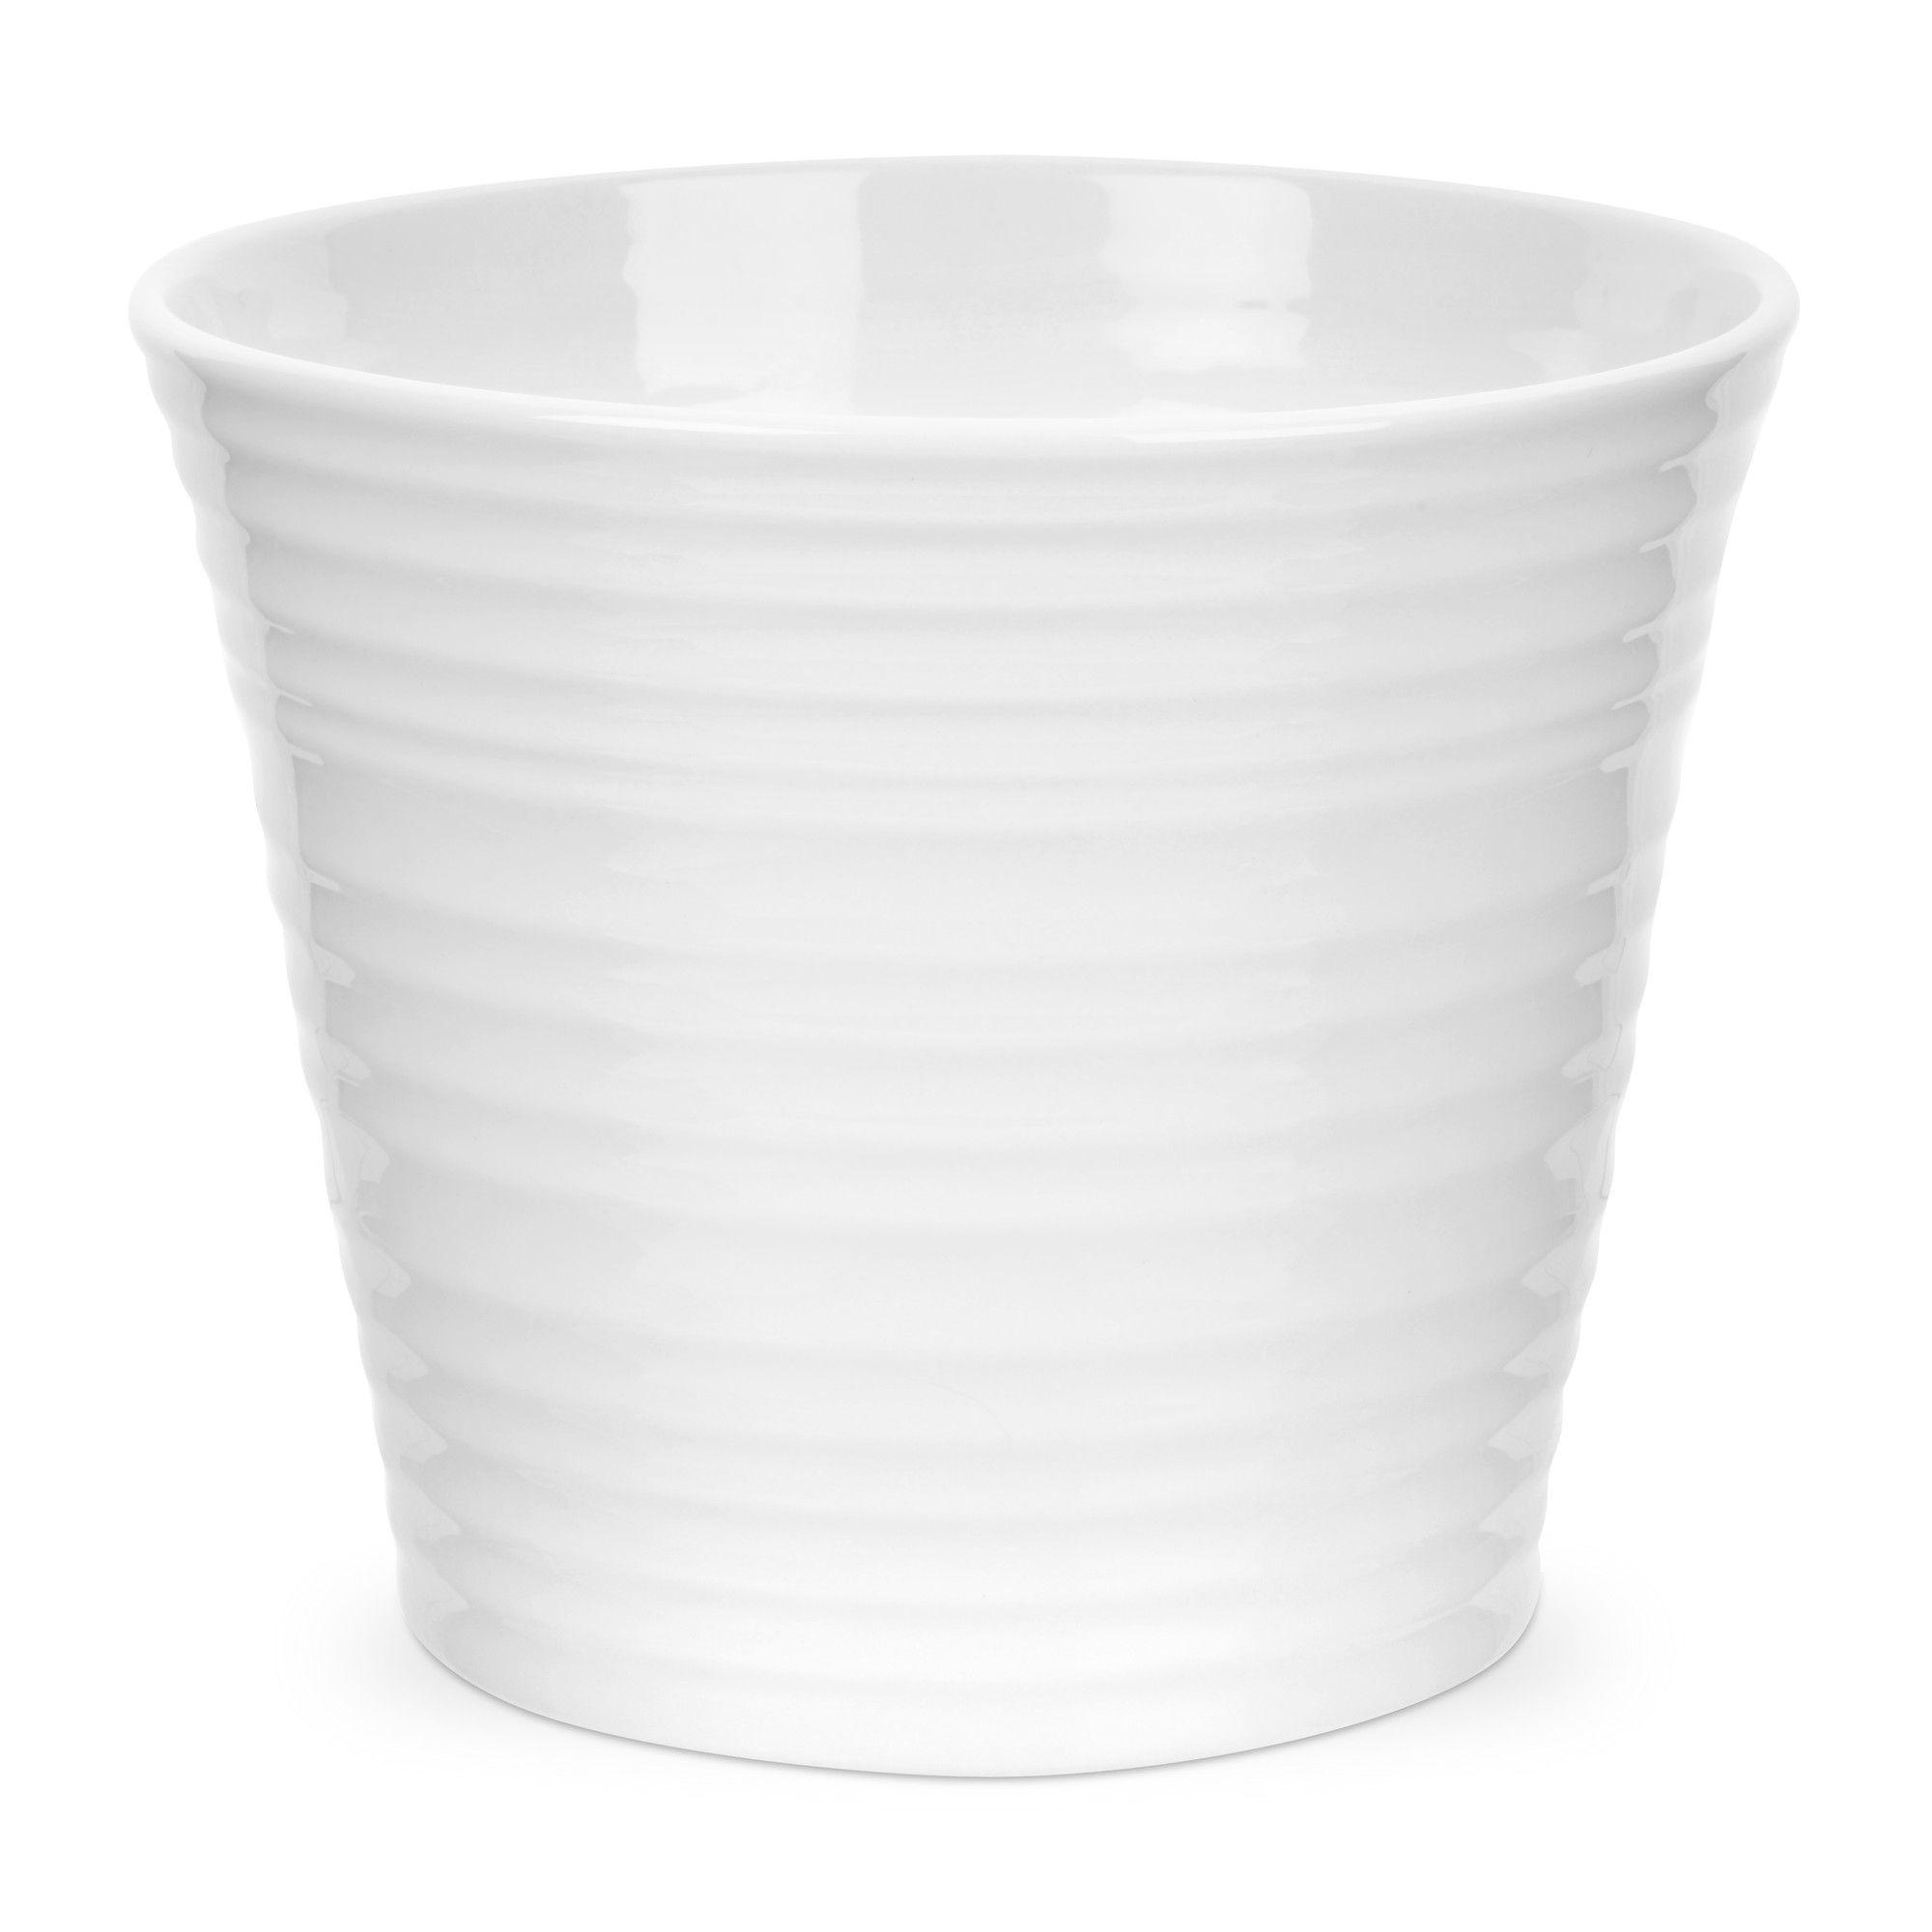 Portmeirion Sophie Conran White Round Flower Pot Planter Reviews